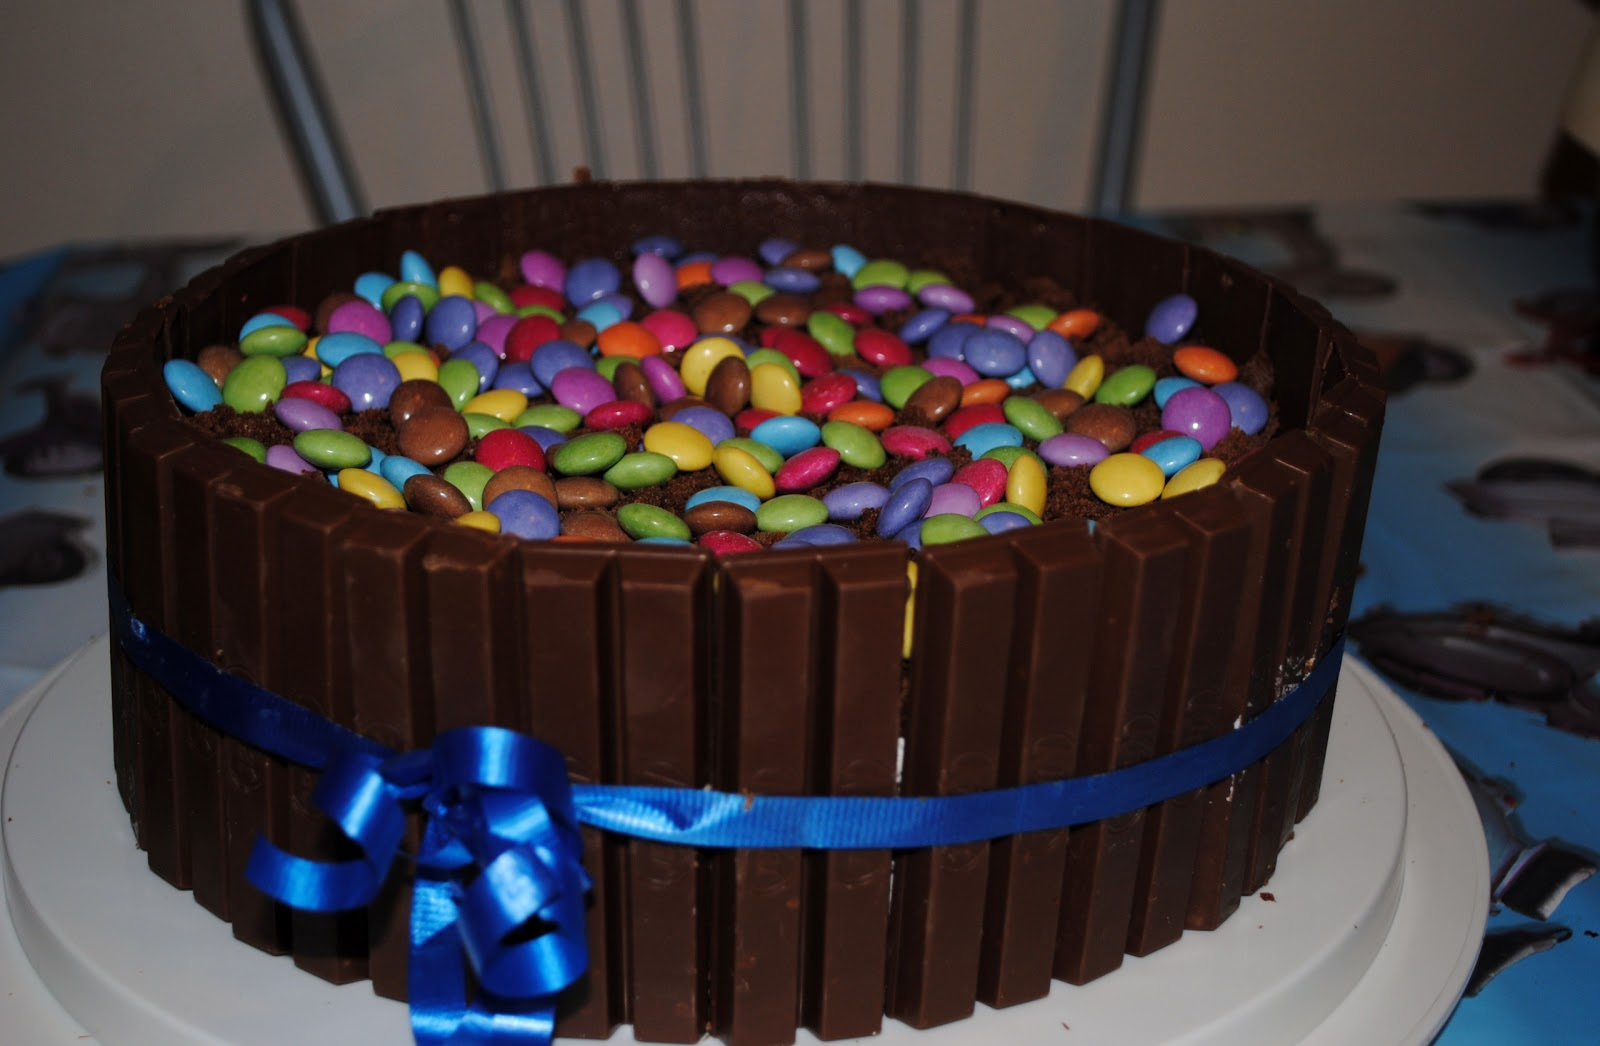 In cucina con gusto torta arcobaleno - Prevenire in cucina mangiando con gusto ...